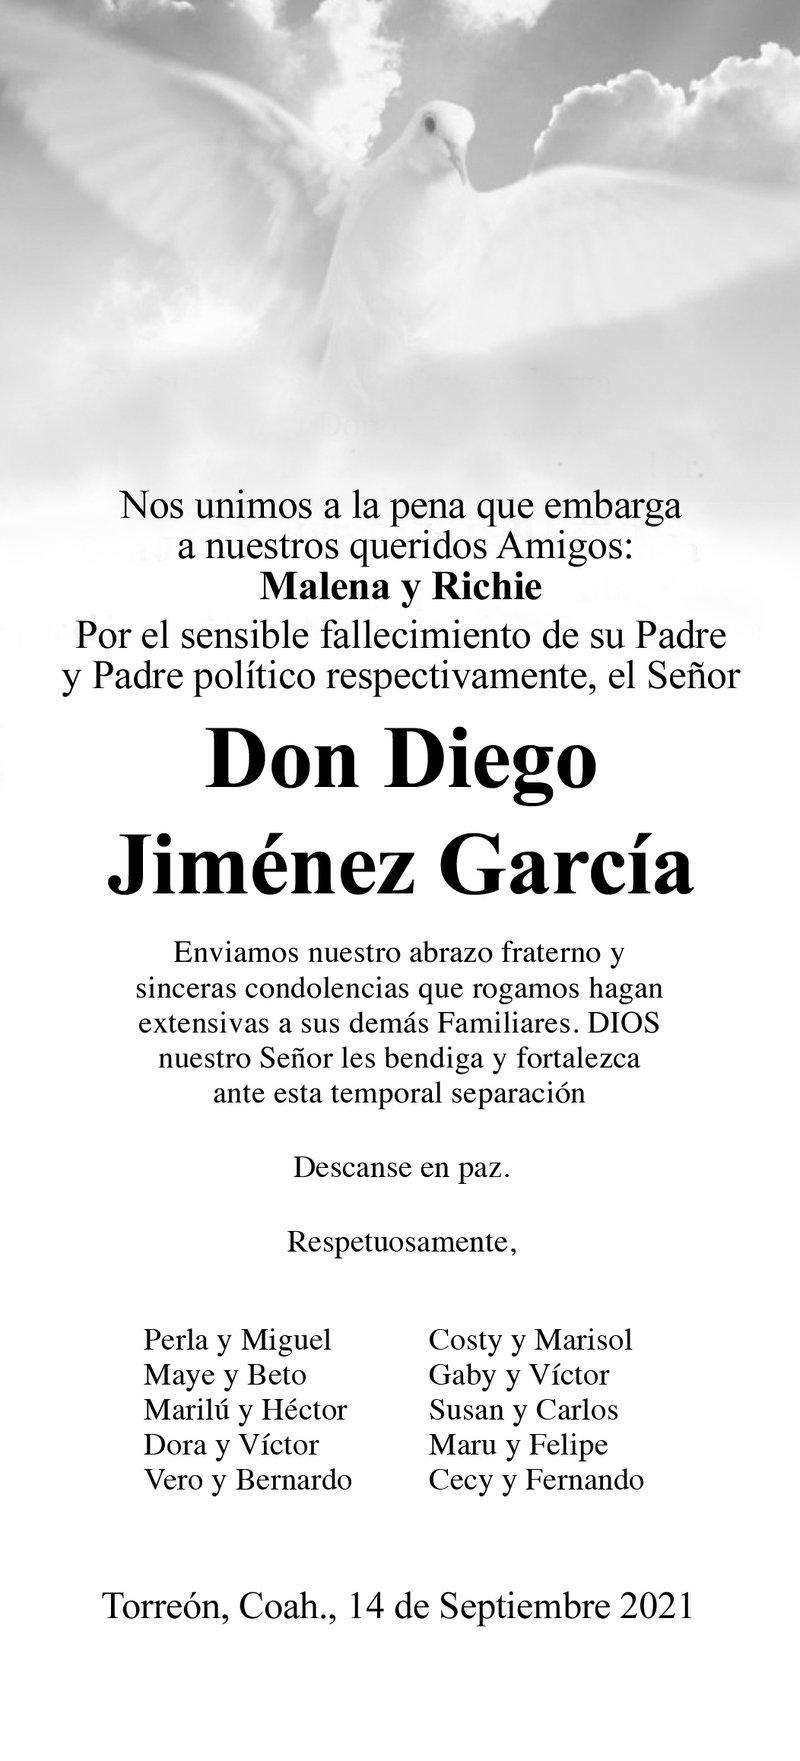 CONDOLENCIA: DON DIEGO JIMÉNEZ GARCÍA. Amigos de Malena y Richie, expresan sus más sinceras condolencias por el fallecimiento de su padre y padre político, el Sr. Don Diego. Descanse en paz.